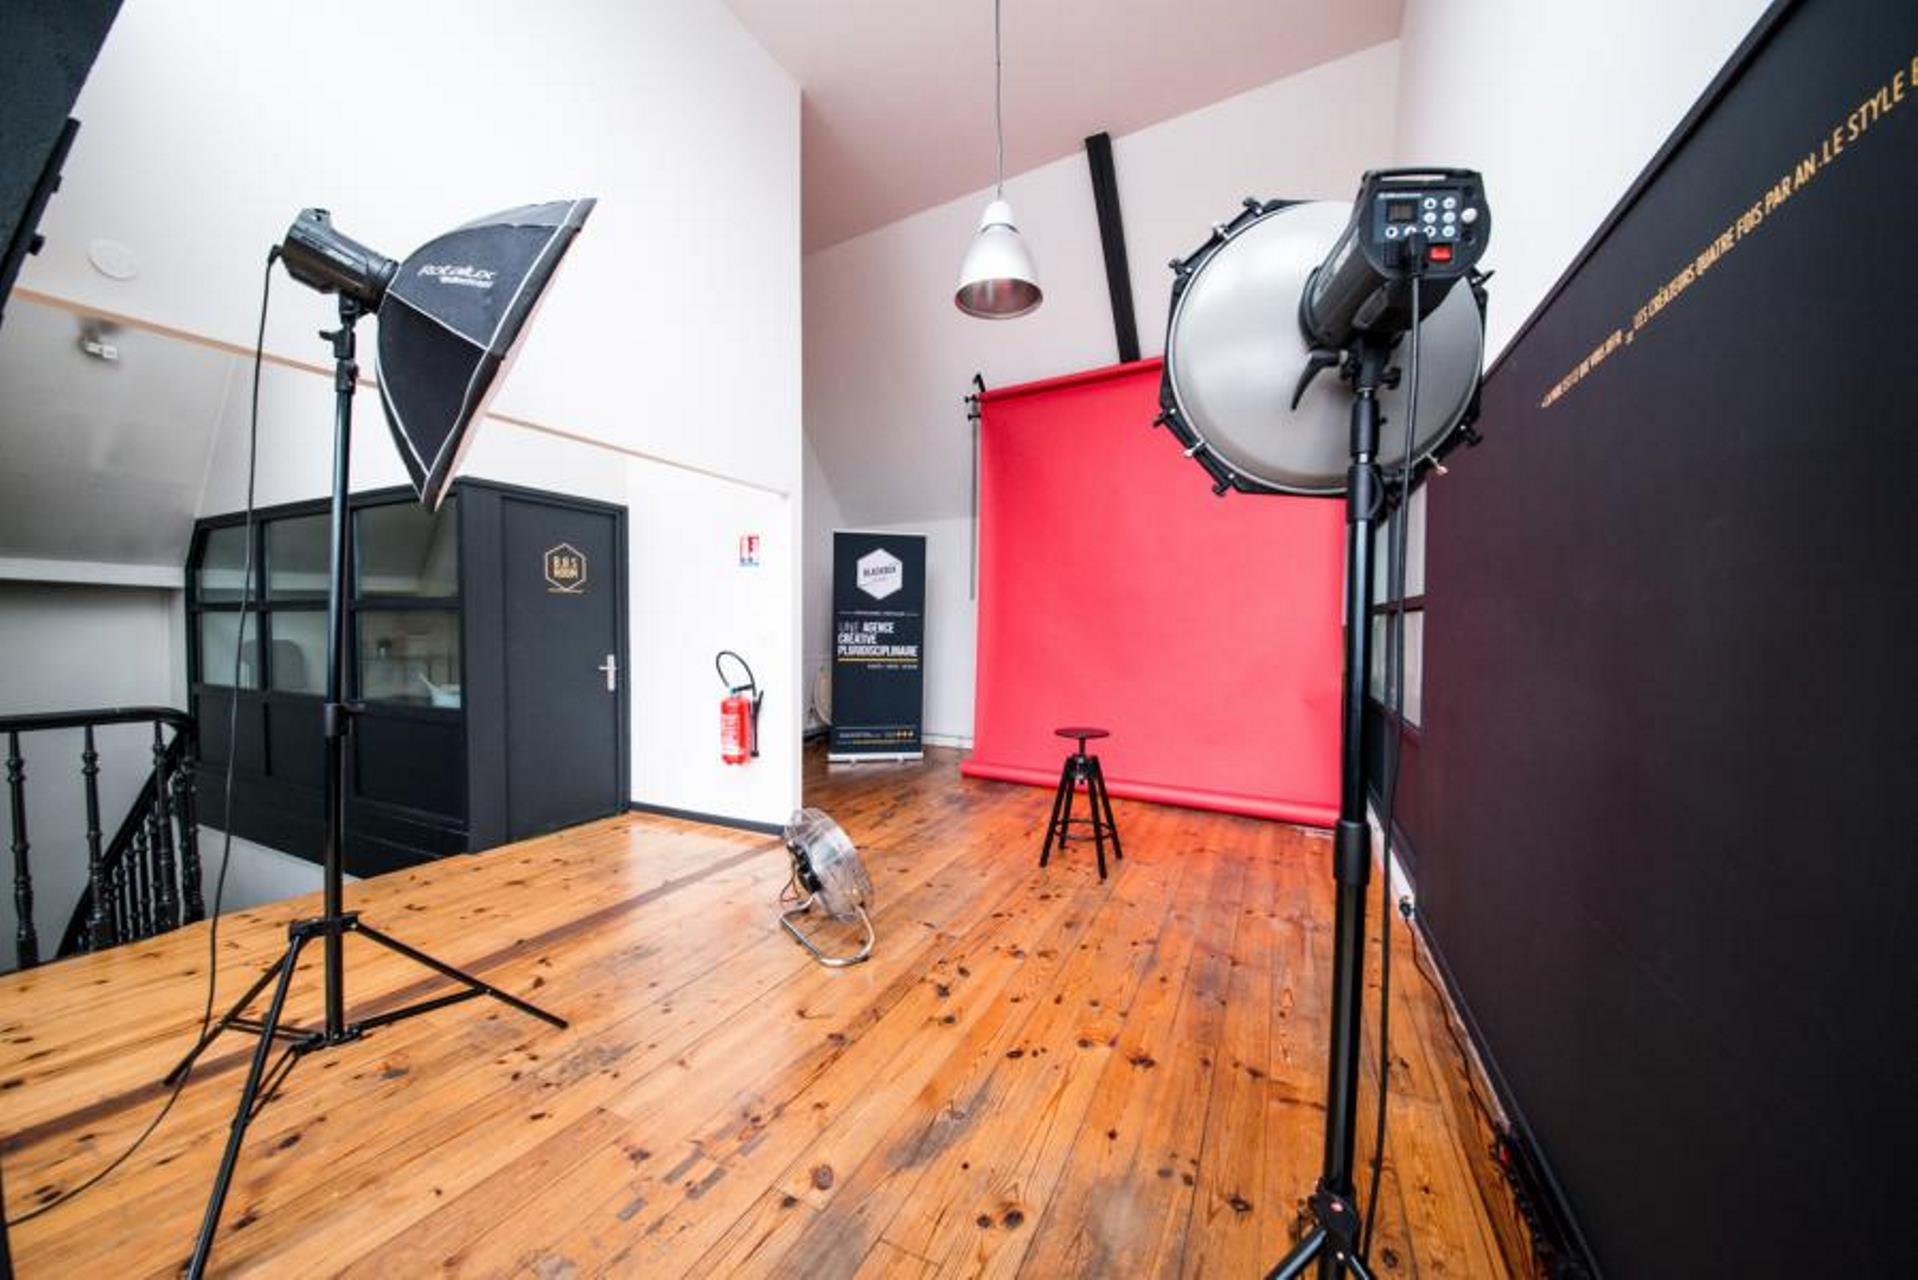 hostnpop les 5 meilleurs spots pour un shooting photo the perfect place for your events. Black Bedroom Furniture Sets. Home Design Ideas